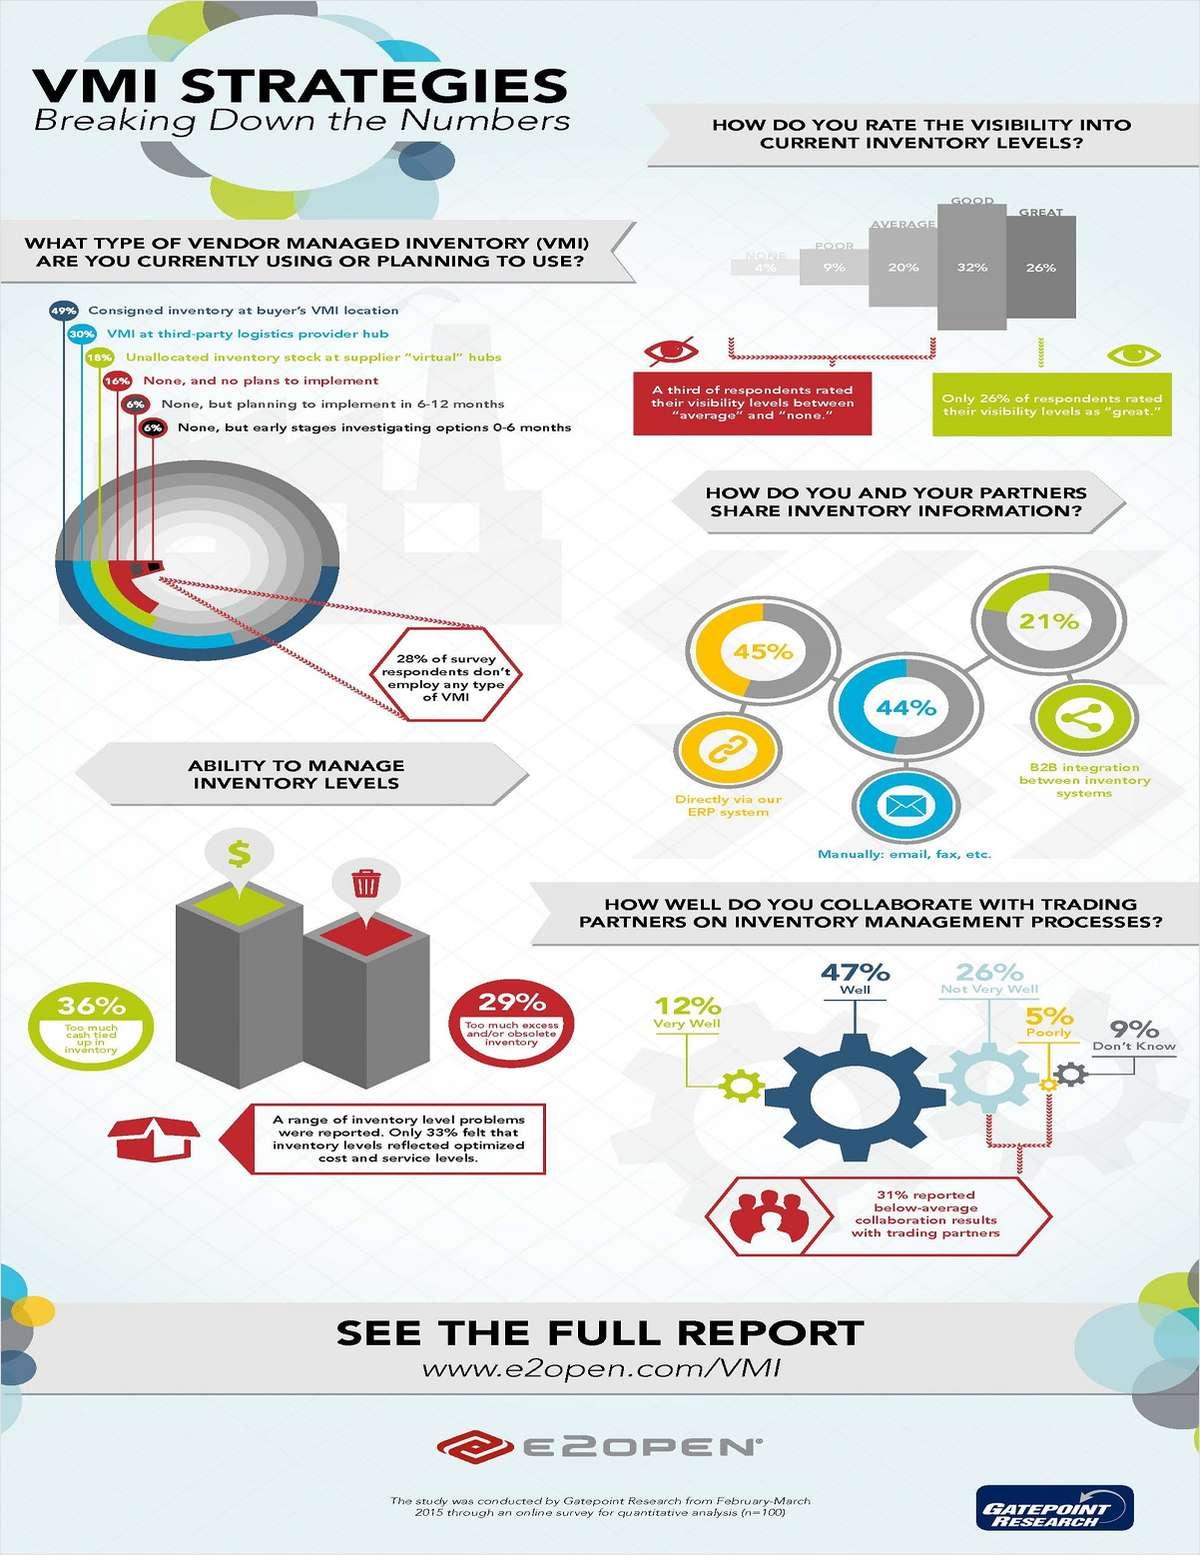 VMI Strategies: Breaking Down the Numbers